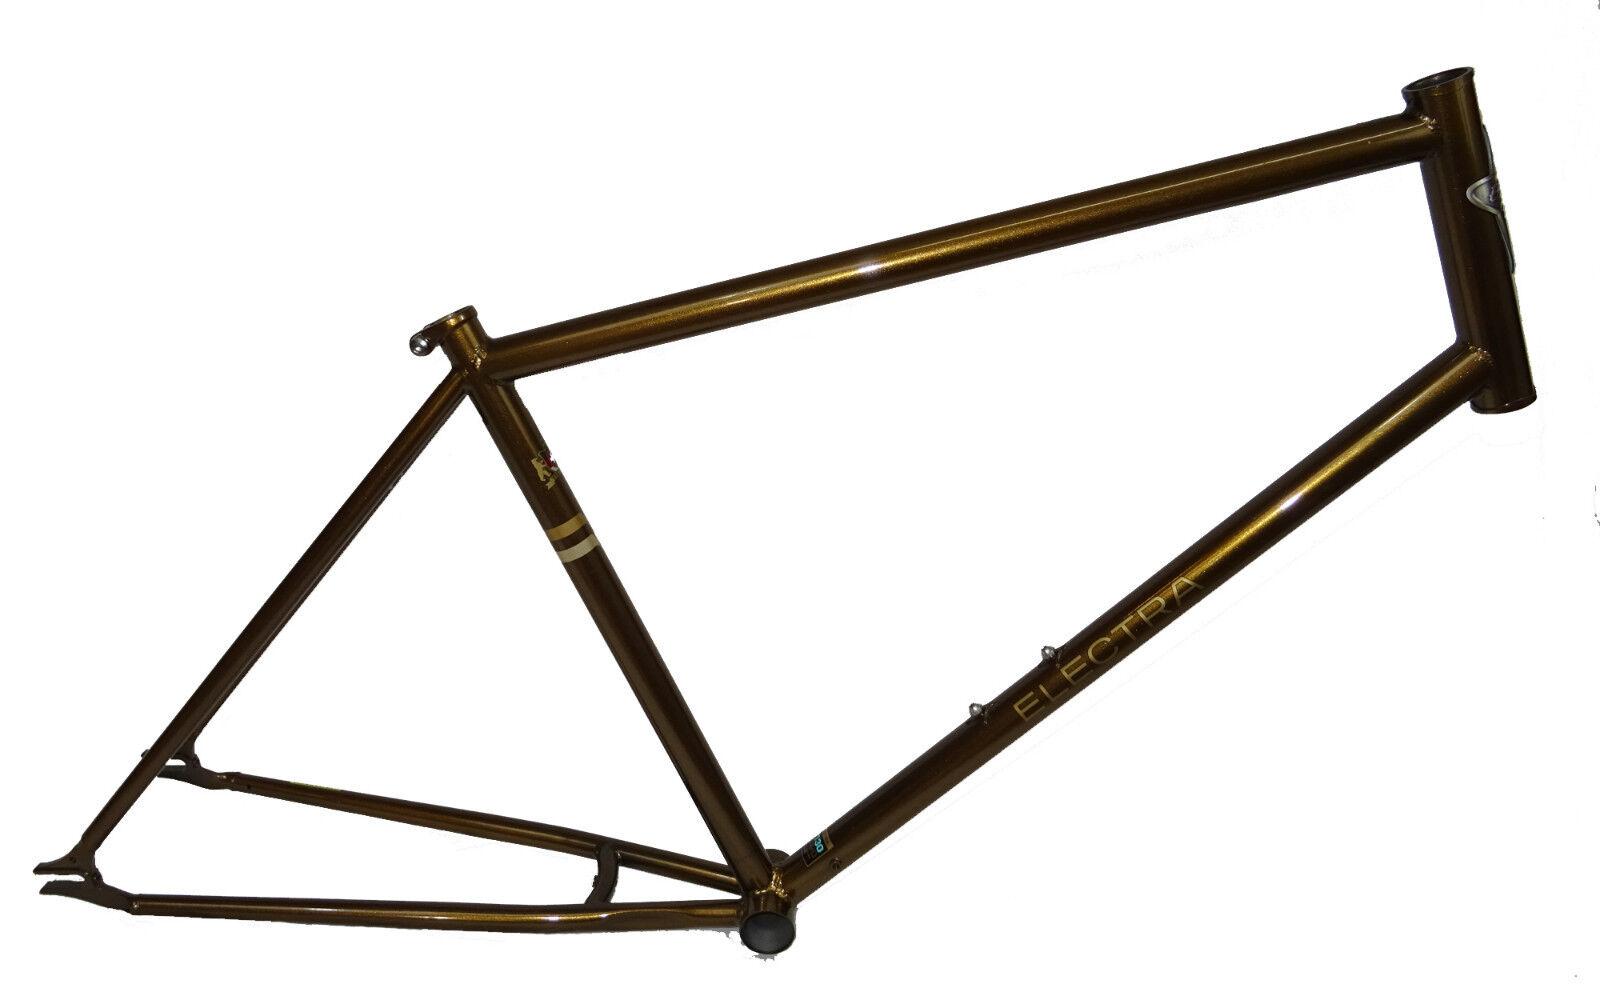 Electra Ticino marco kit conjunto de marcos singelspeed CR-MO, 48cm, bronce metalizado